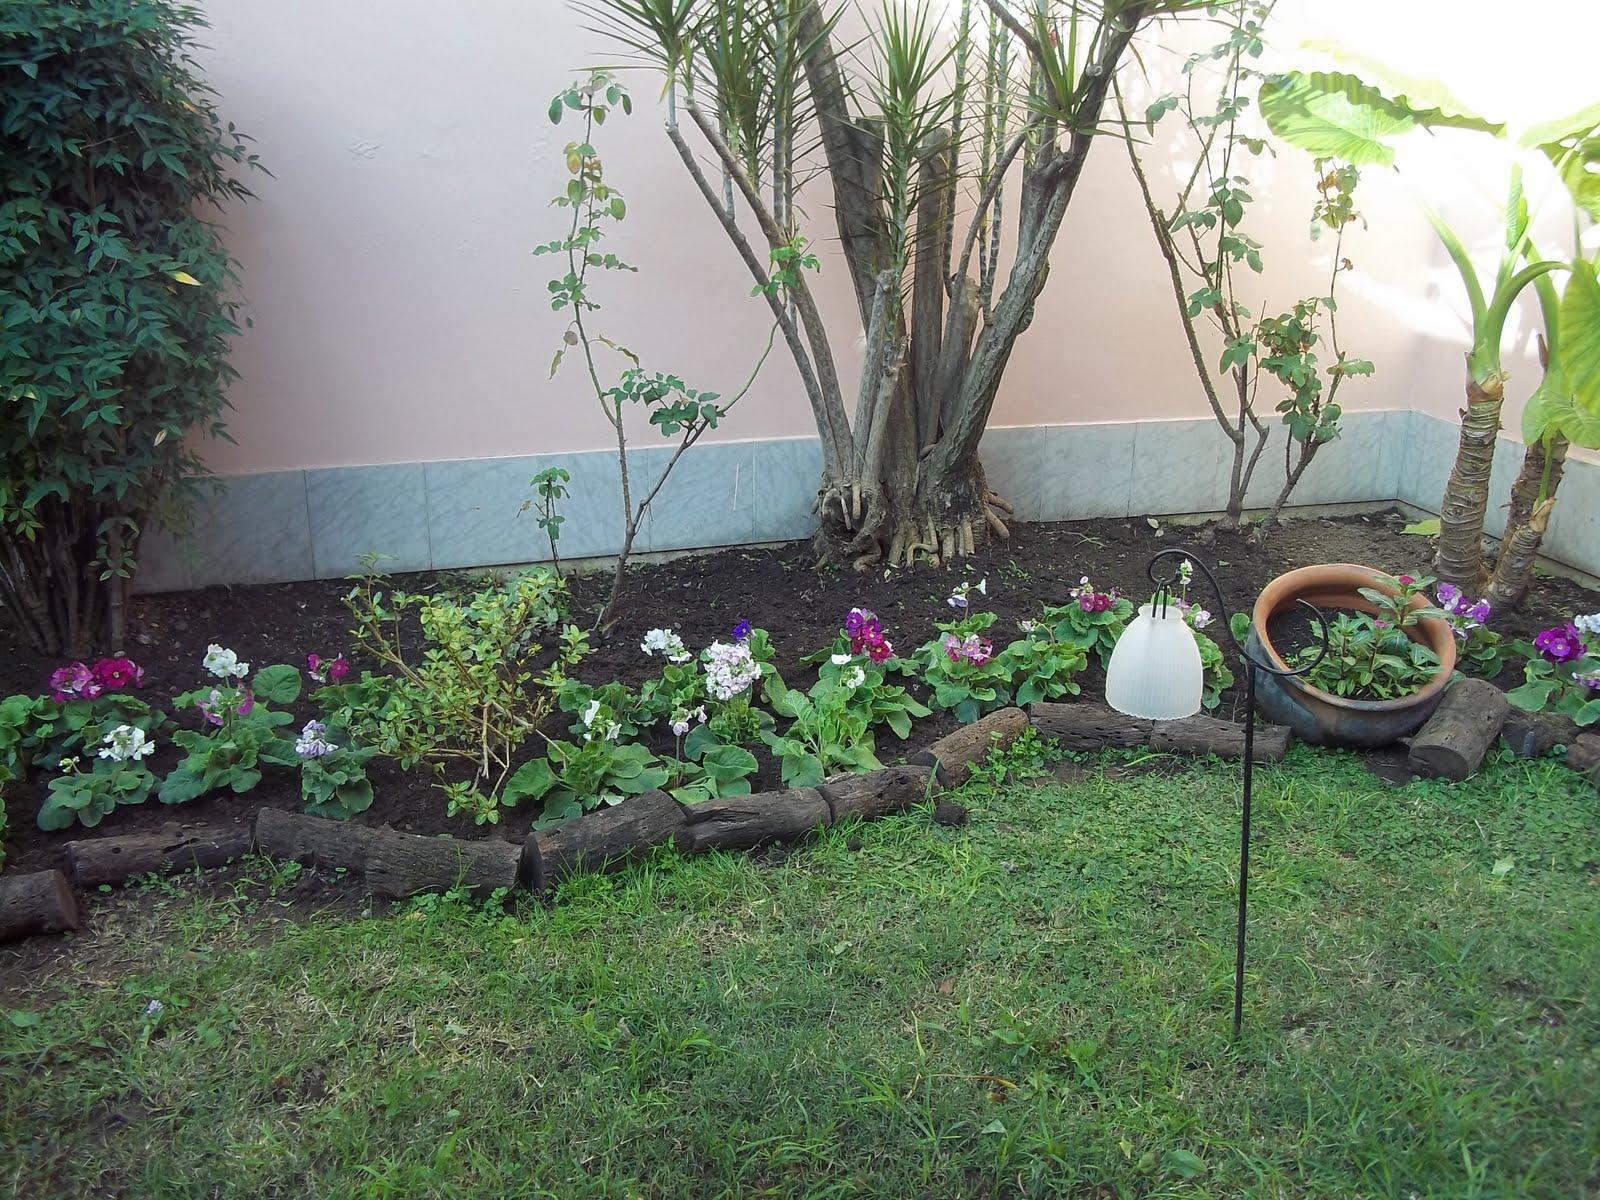 Jardineria Y Paisajismo En Gerenal Colores Ewn El Mas